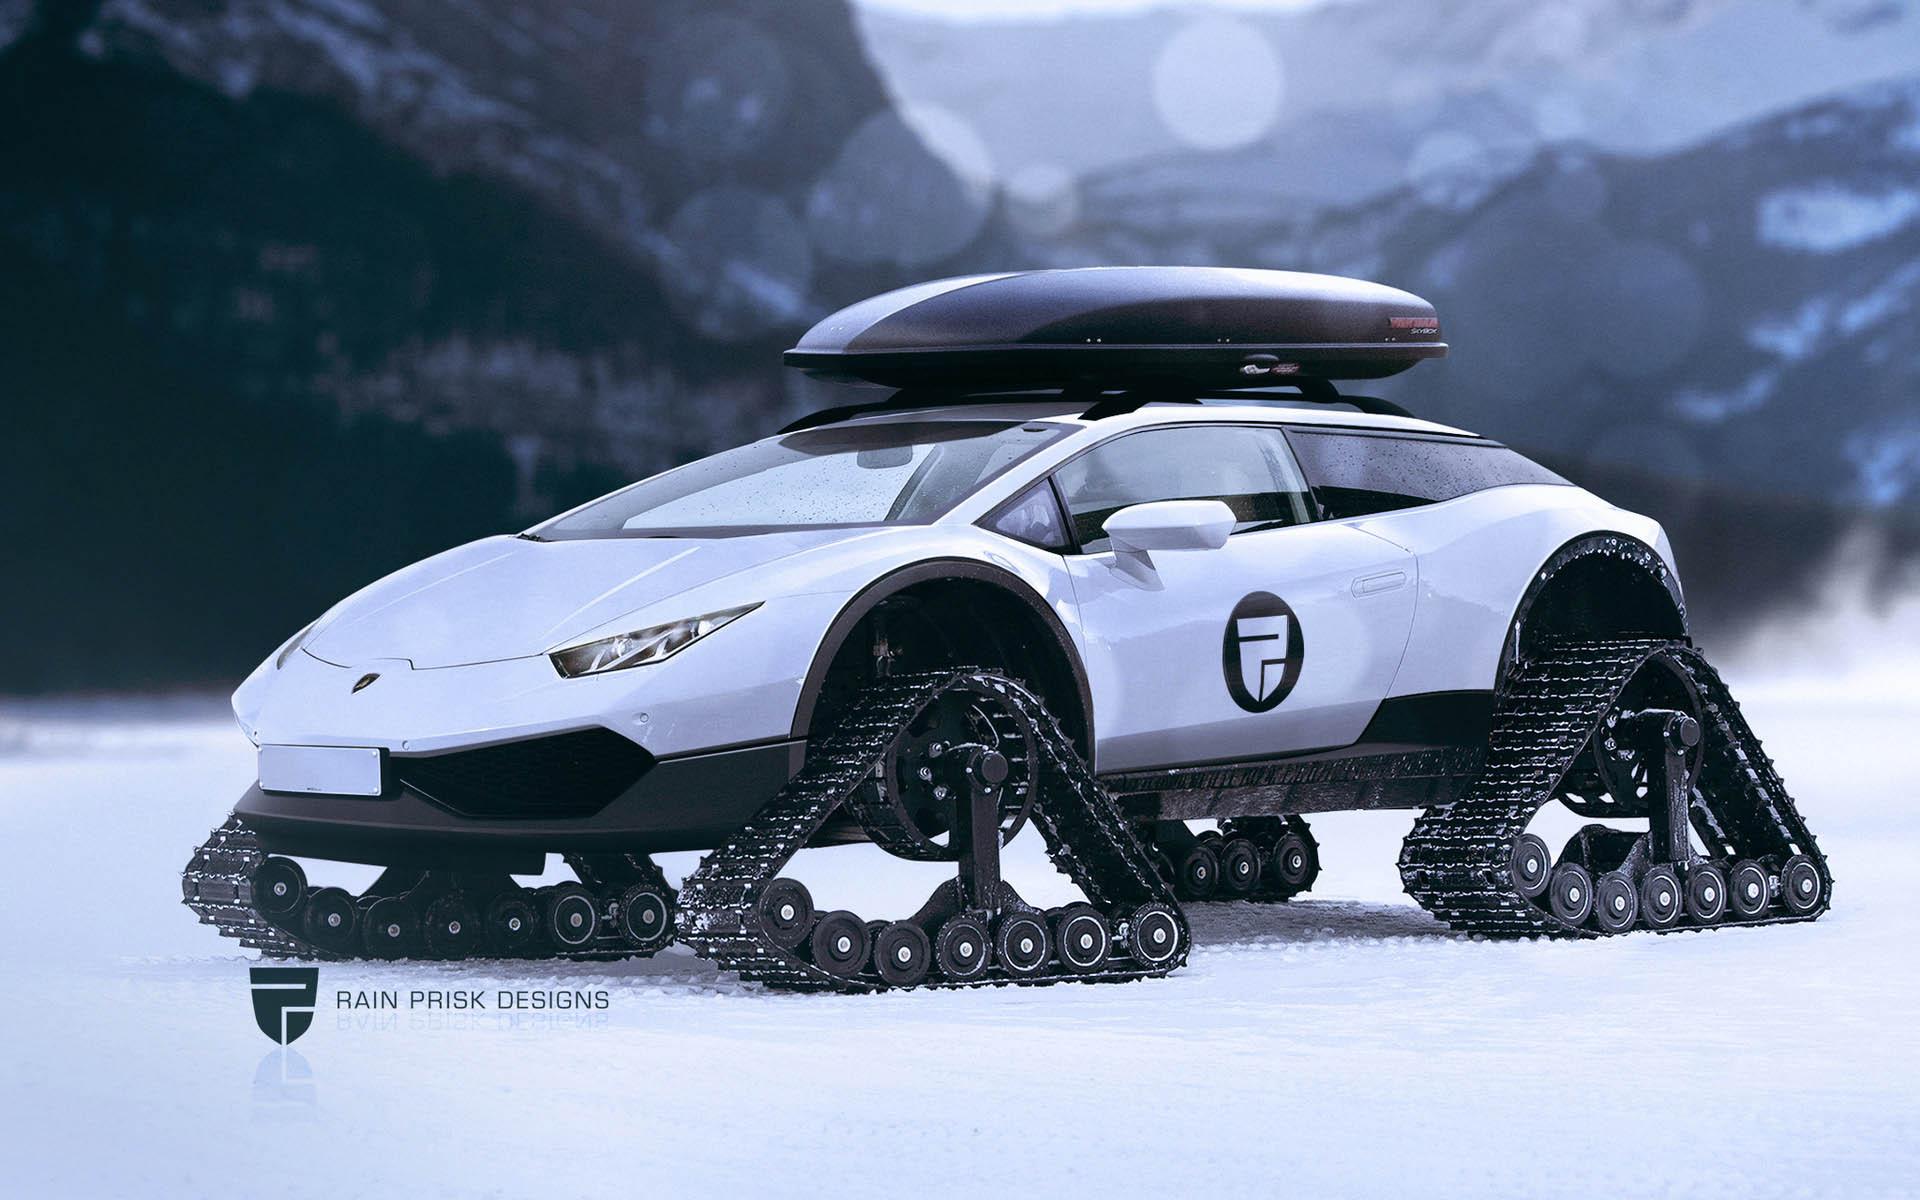 lambo_snowmo_1 Marvelous Lamborghini Huracan Hack asphalt 8 Cars Trend